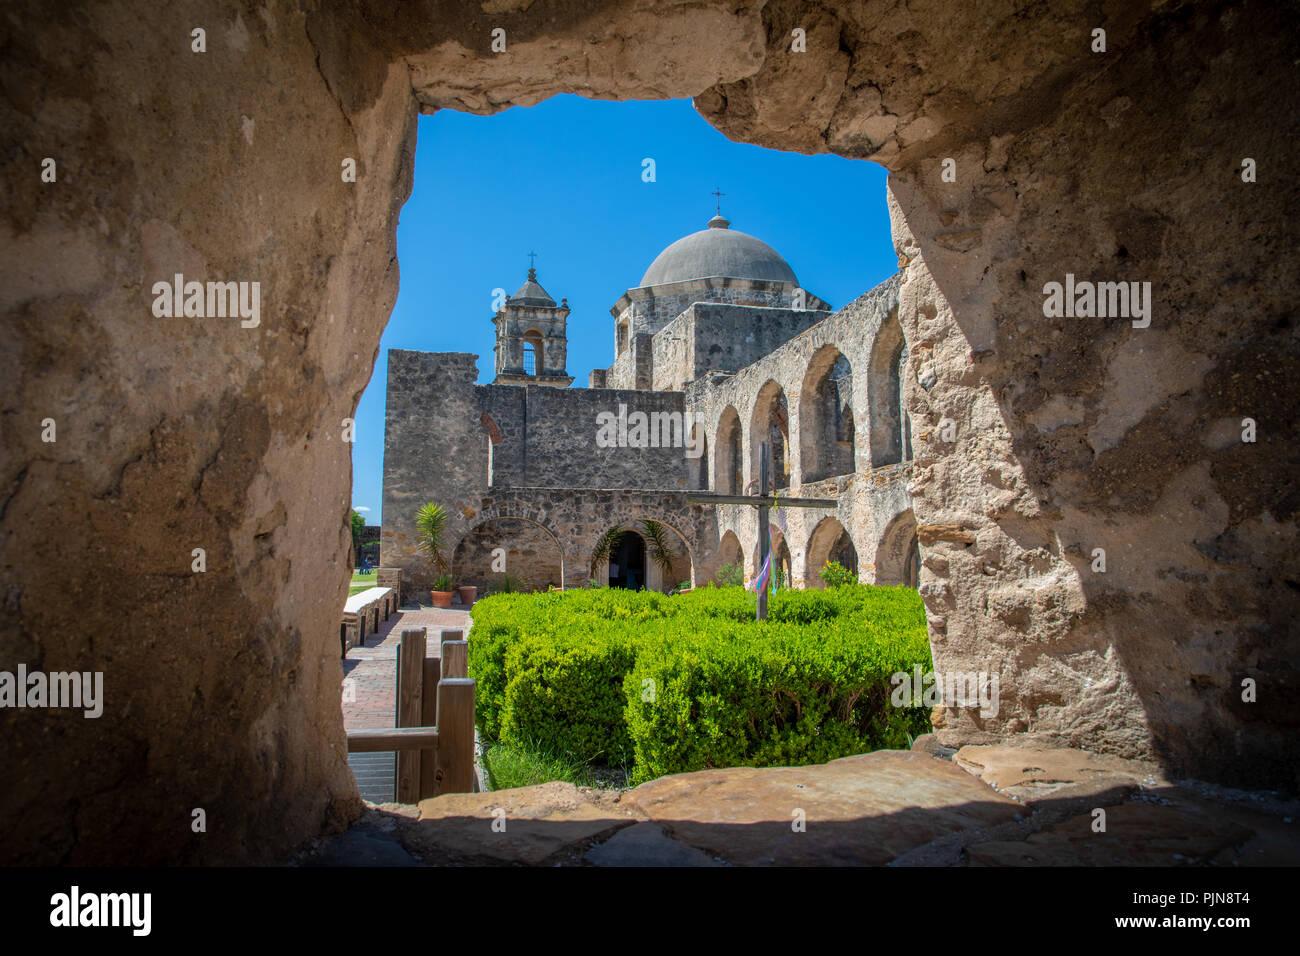 Mission San José y San Miguel de Aguayo est une mission catholique à San Antonio, Texas, USA. Photo Stock